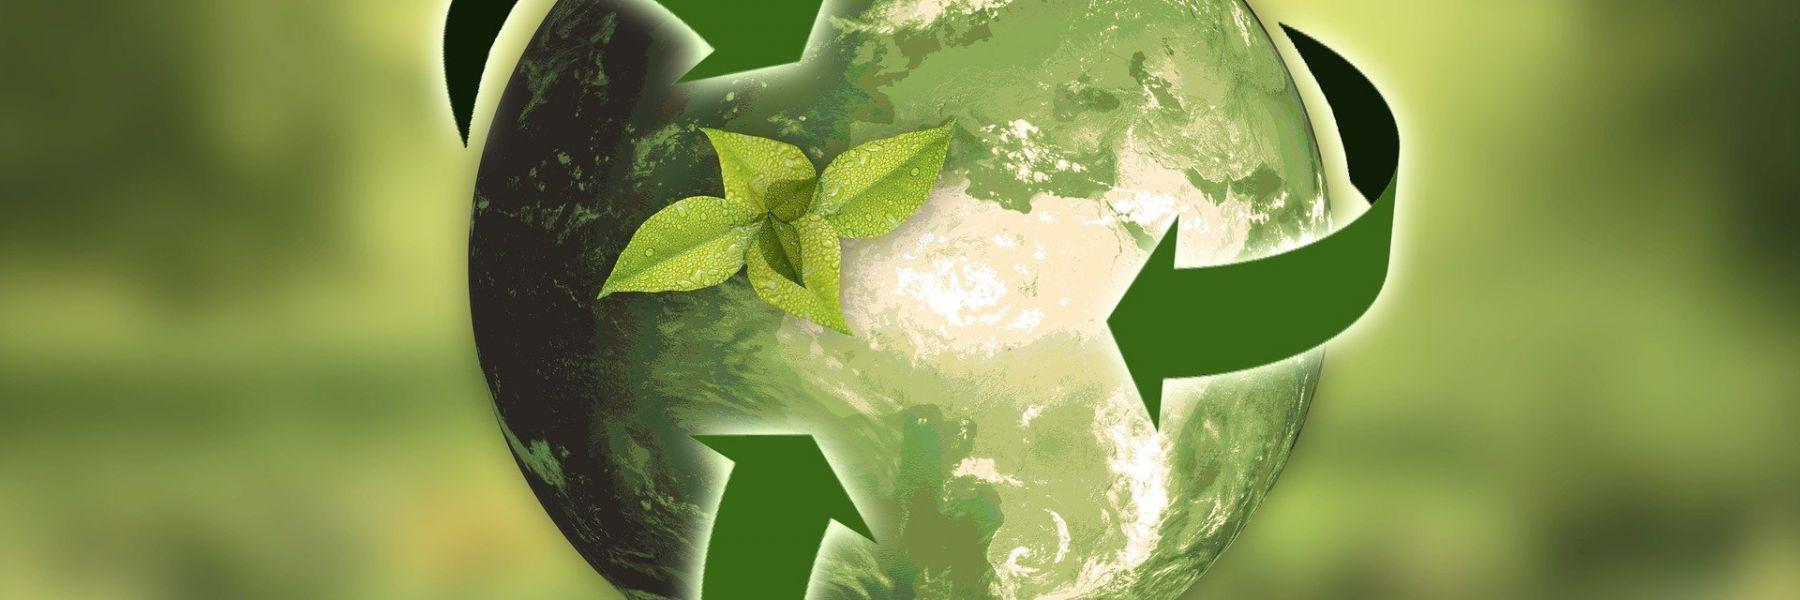 Nachhaltigkeit im Einkauf – macht das jetzt schon Sinn?